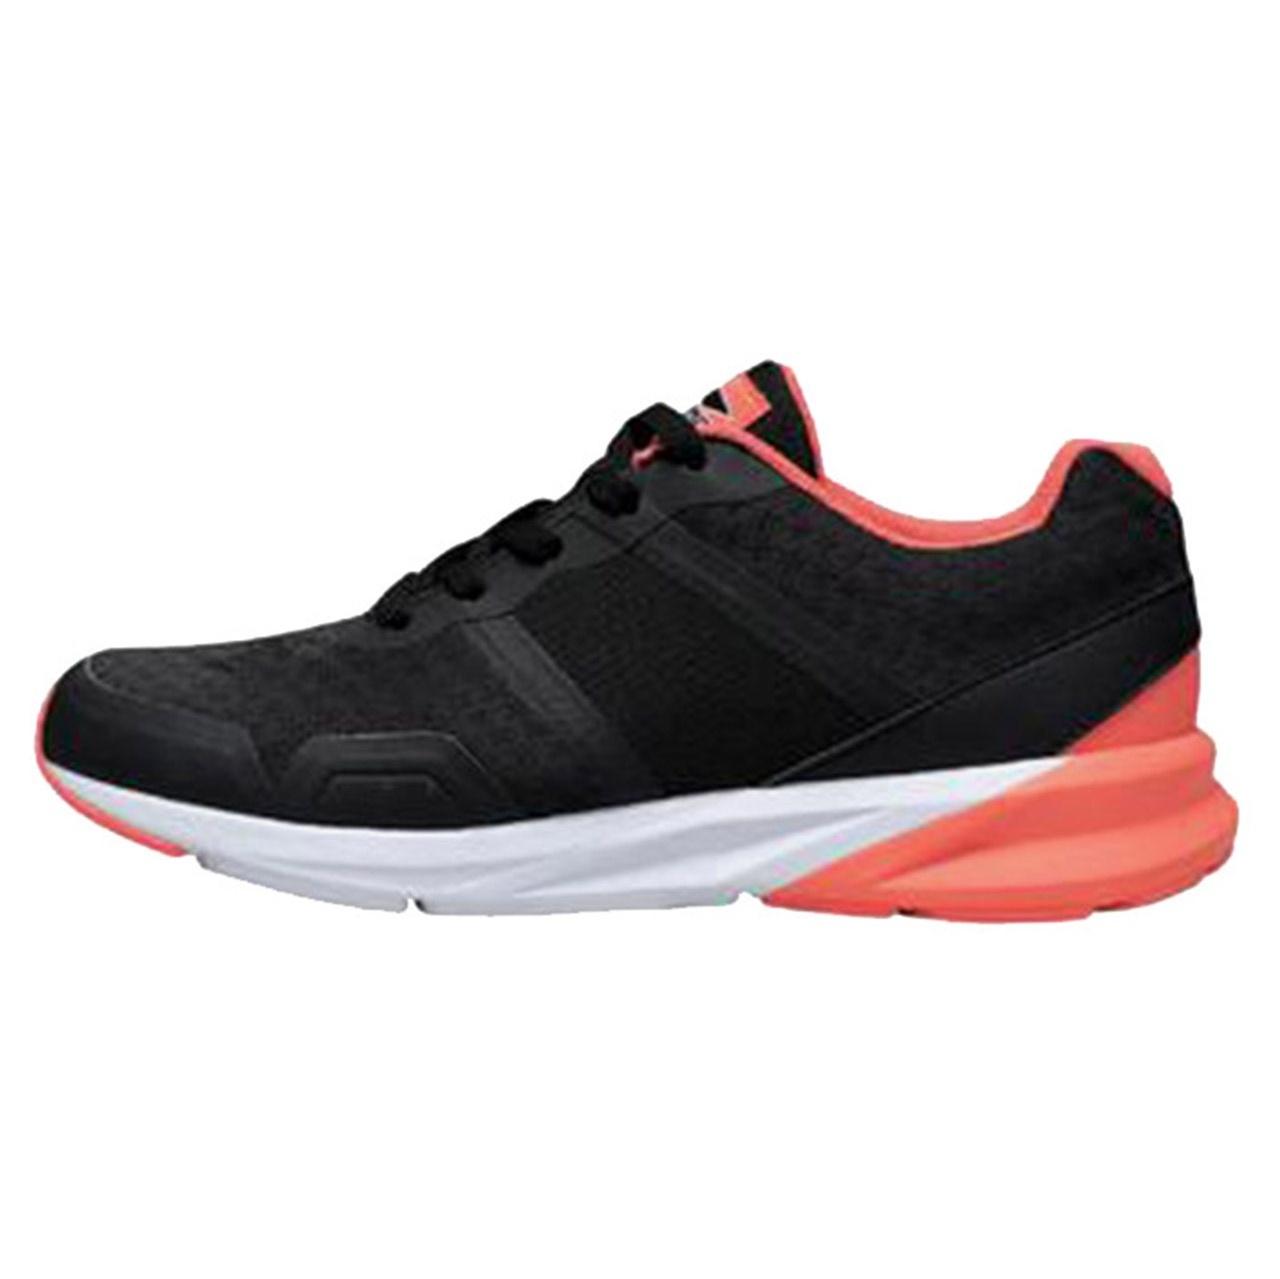 کفش مخصوص پیاده روی زنانه لی نینگ مدل Cusion Running